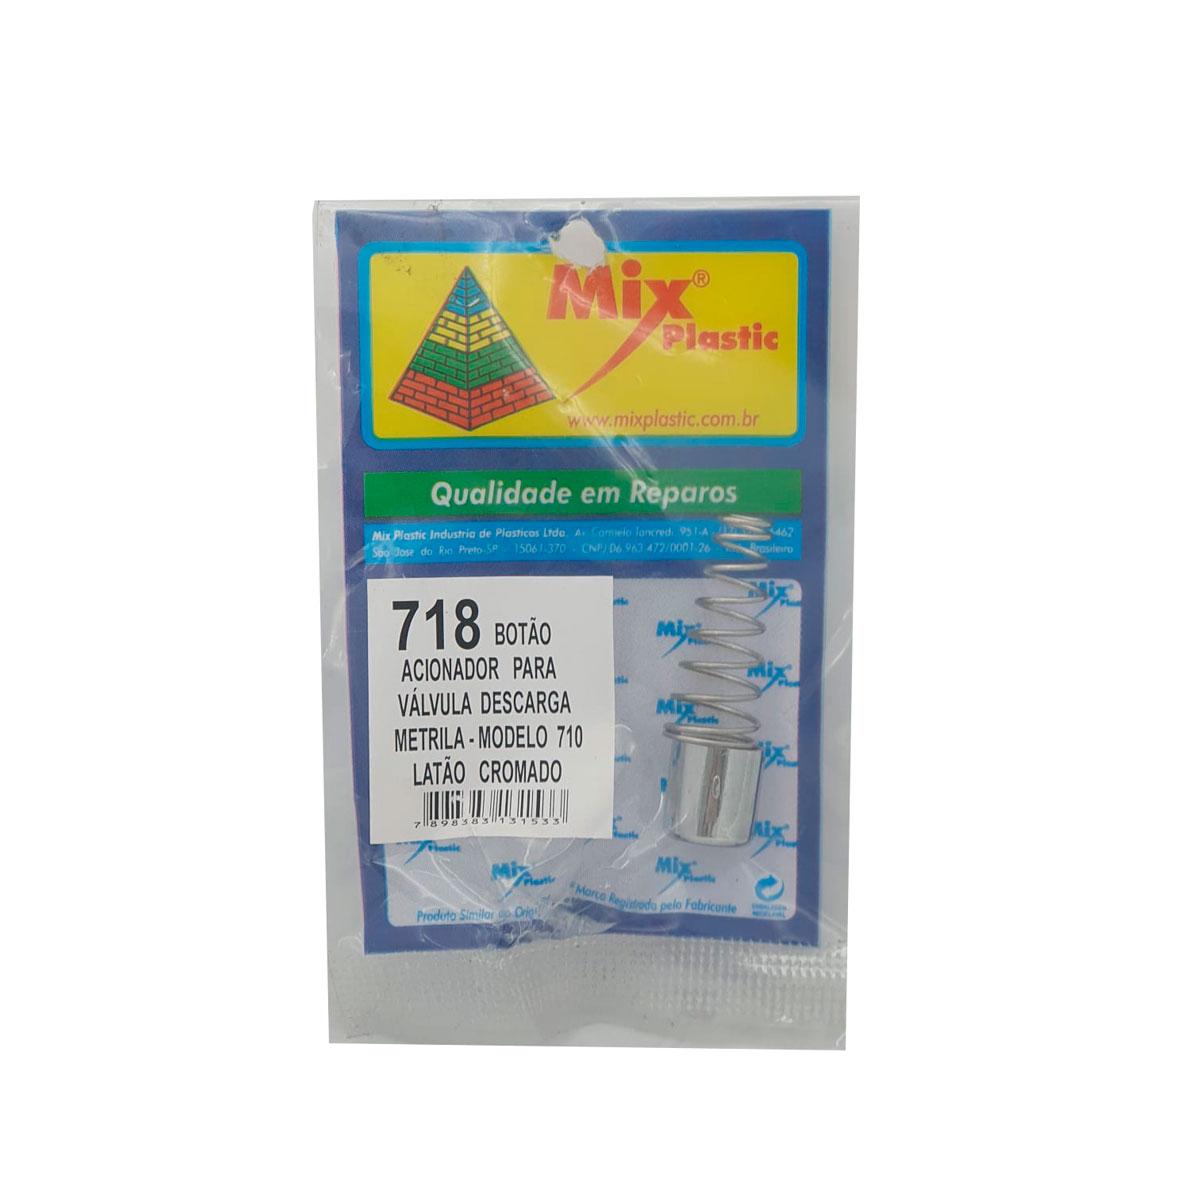 Botão Acionador Metrila 710 Abs Cr Mix Plastic